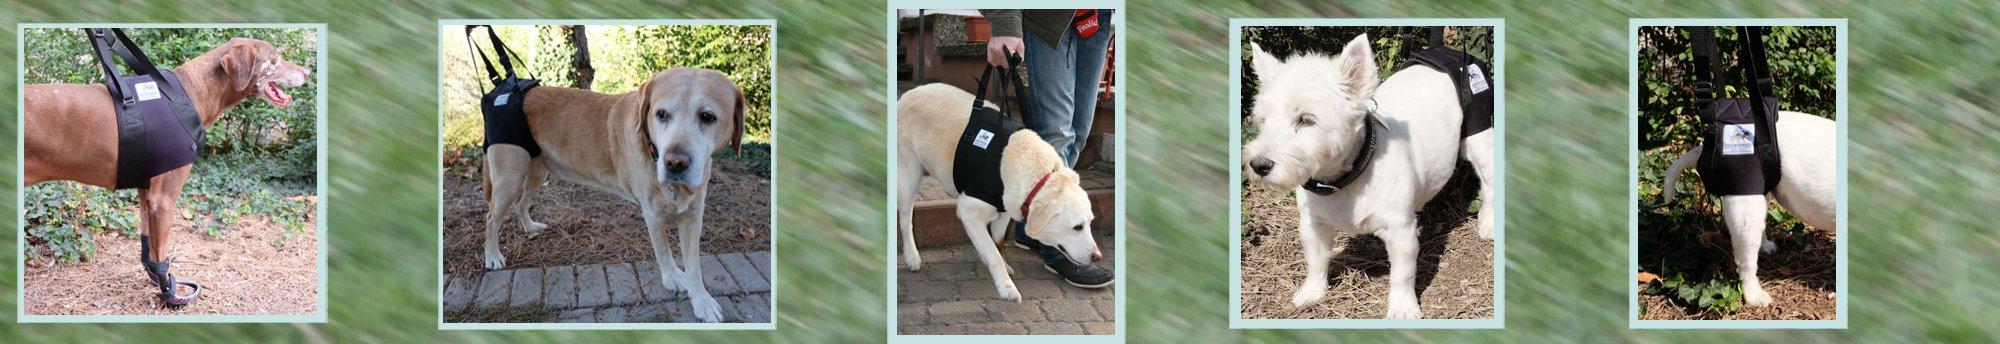 Tragehilfen für Hunde Banner von Tom Berger